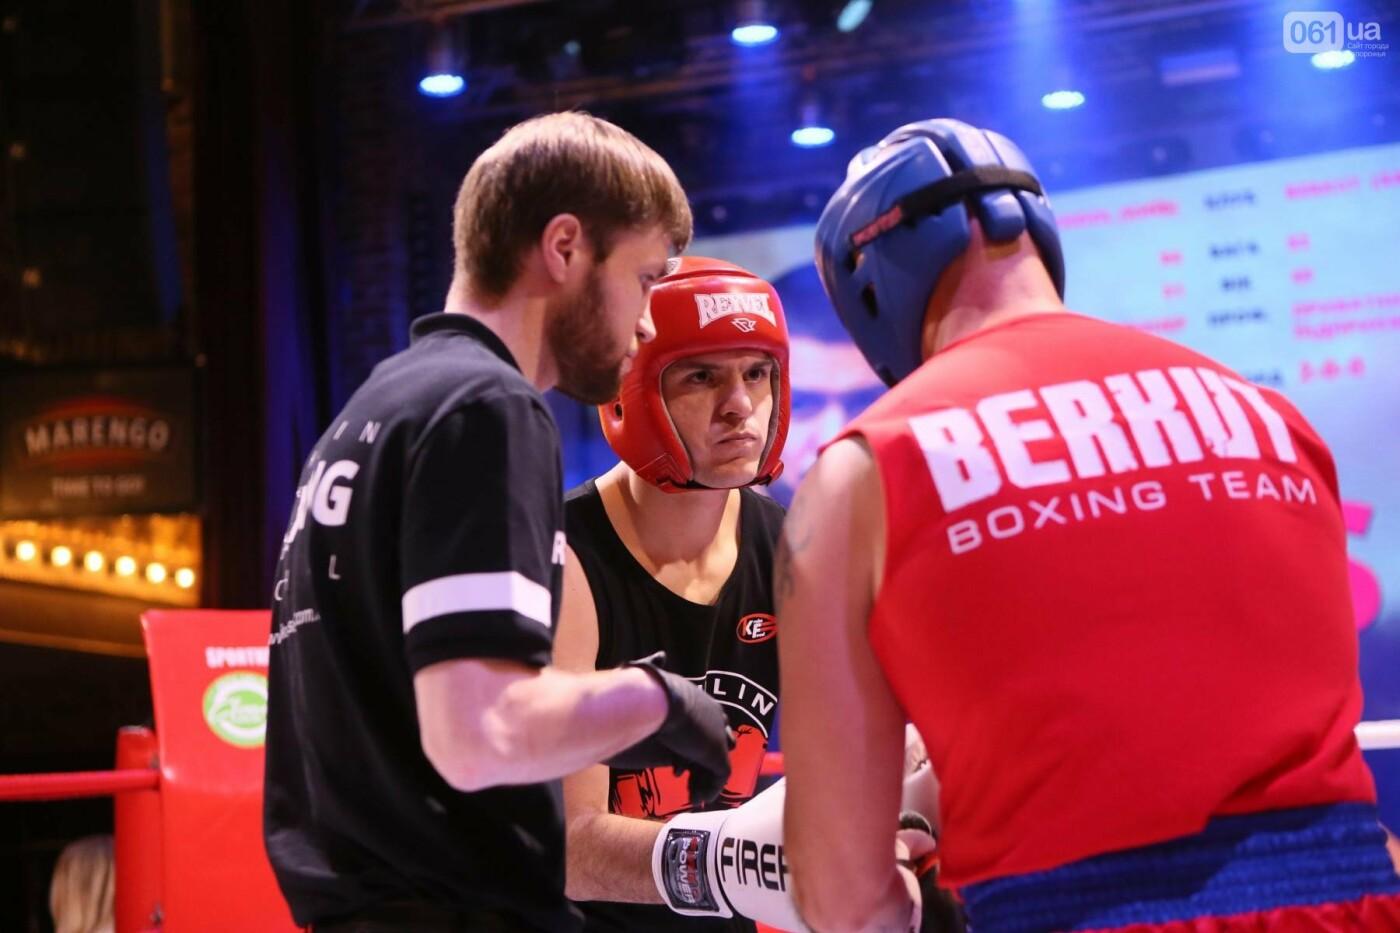 «Чоловіки в рингу»: в Запоріжжі проведуть турнір серед любителів боксу, - ФОТО, фото-1